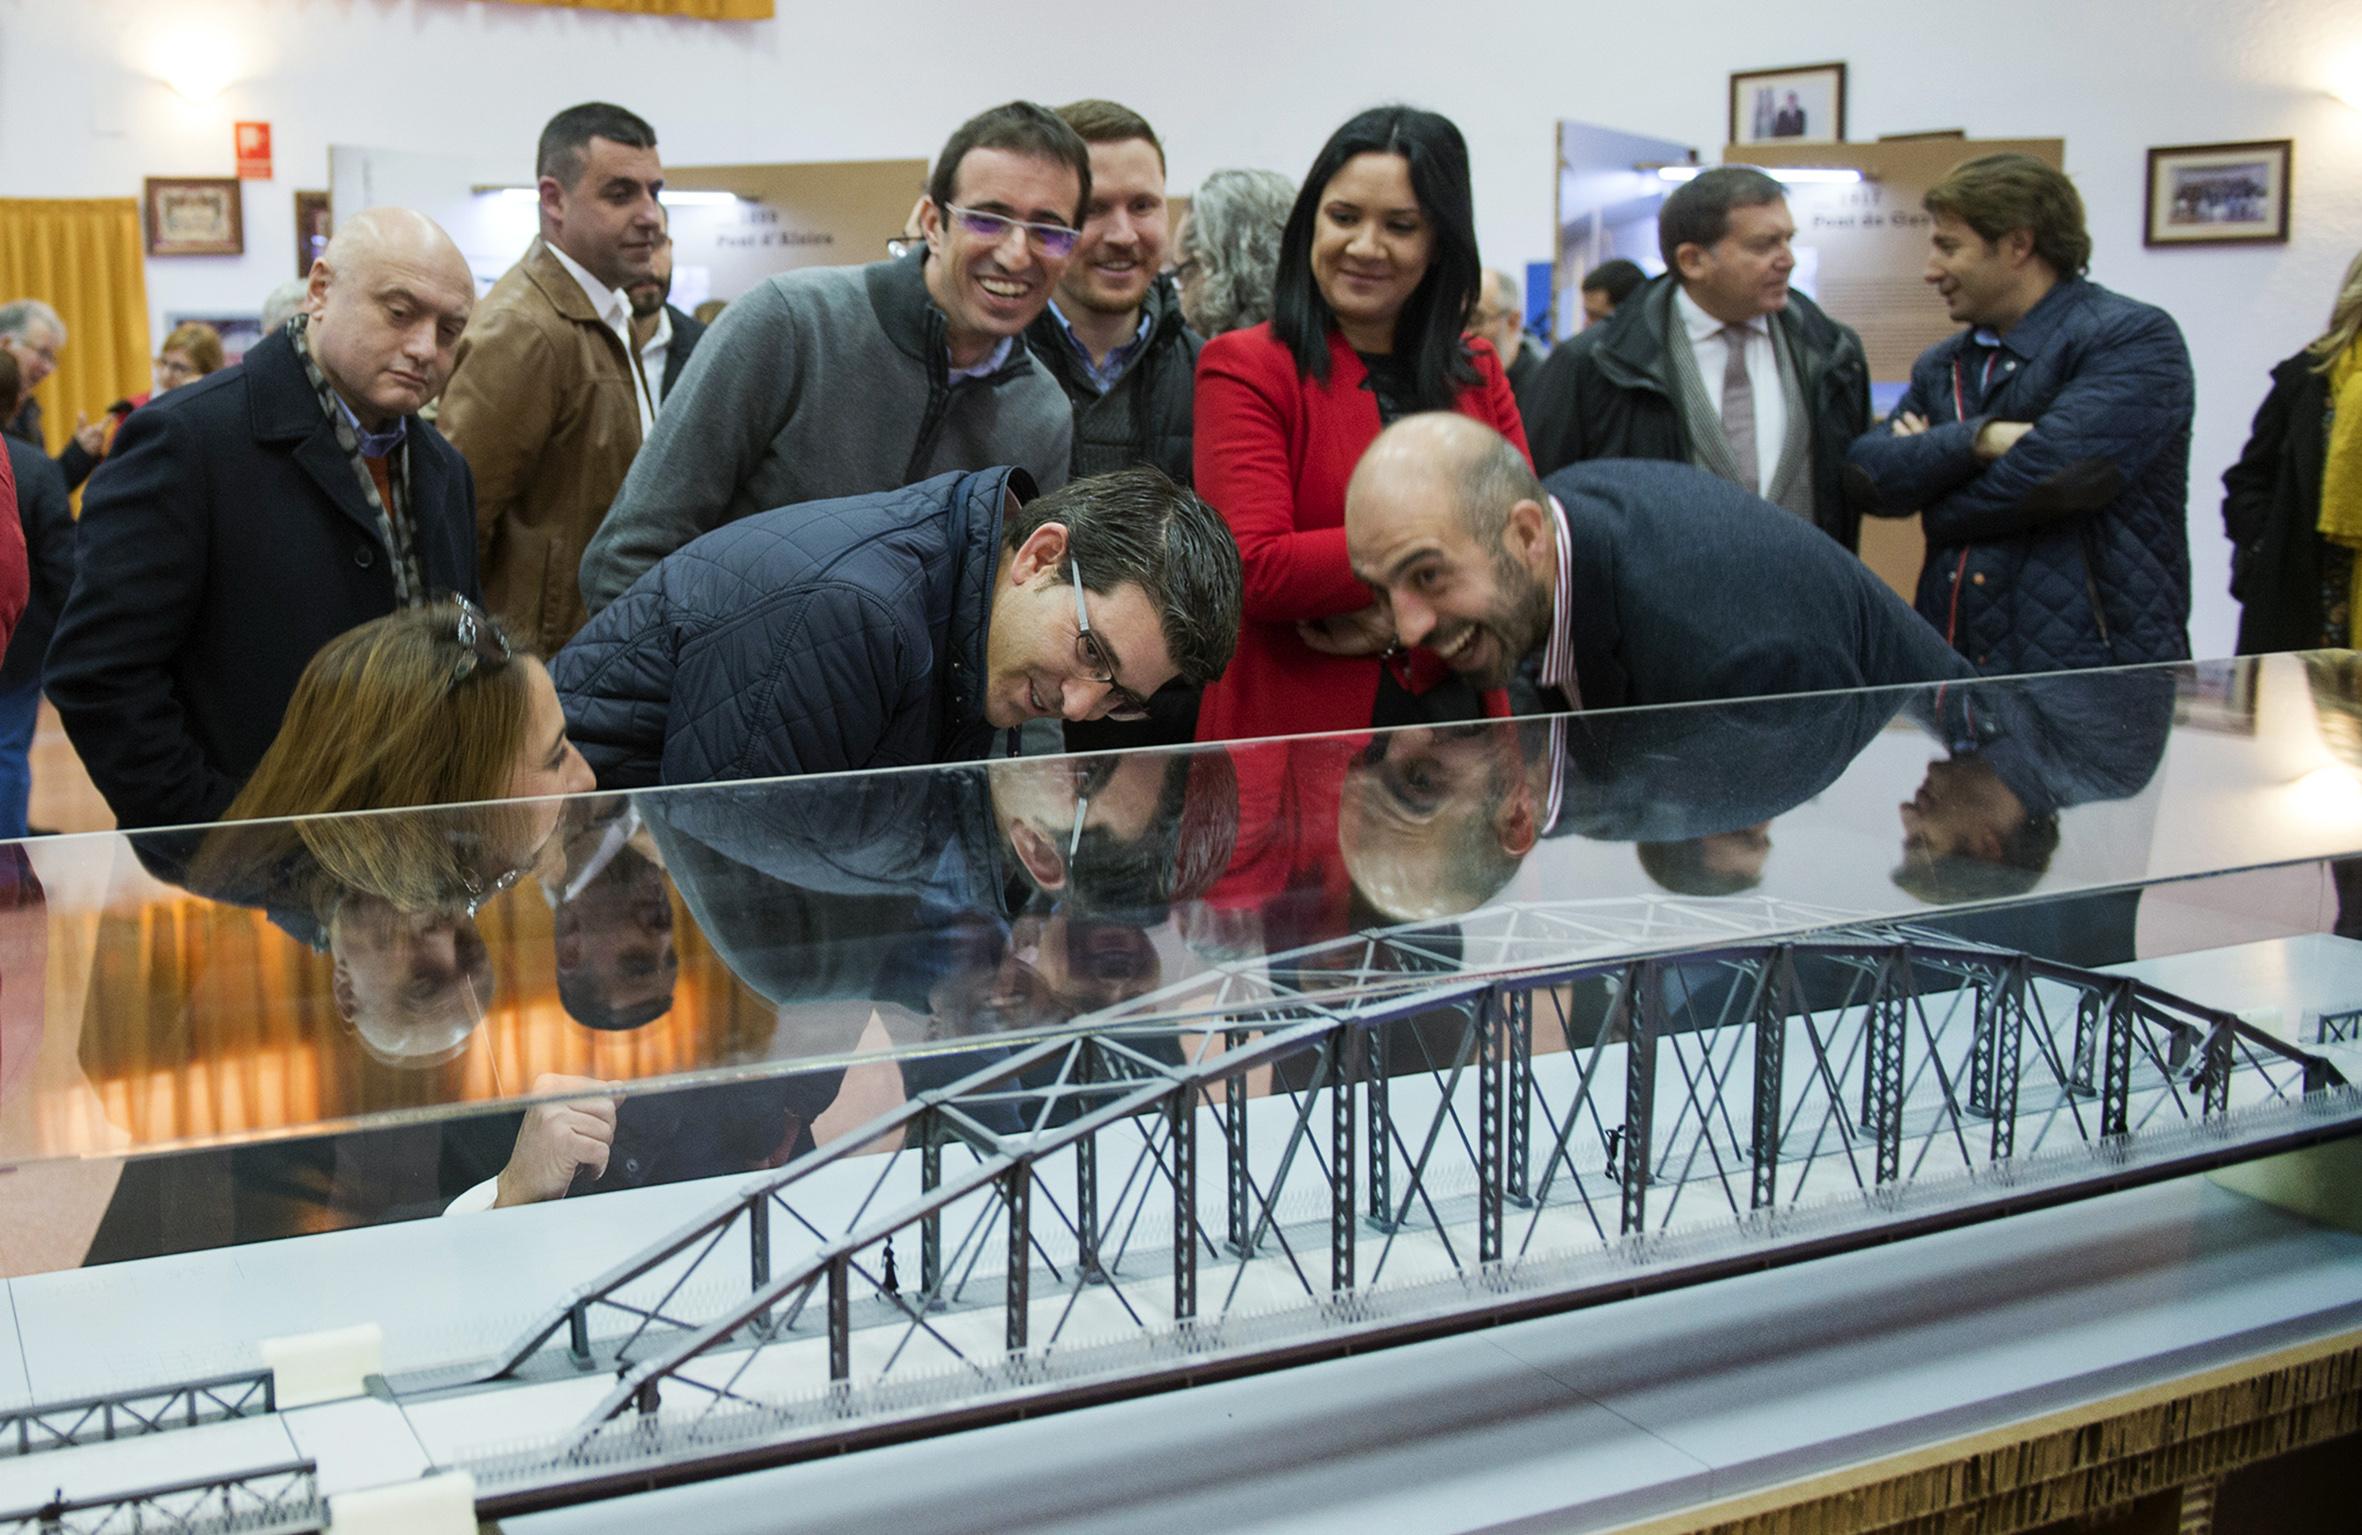 """Rodríguez: """"Los puentes de hierro de La Ribera y la Diputació llevan más de 100 años uniendo pueblos y personas""""."""